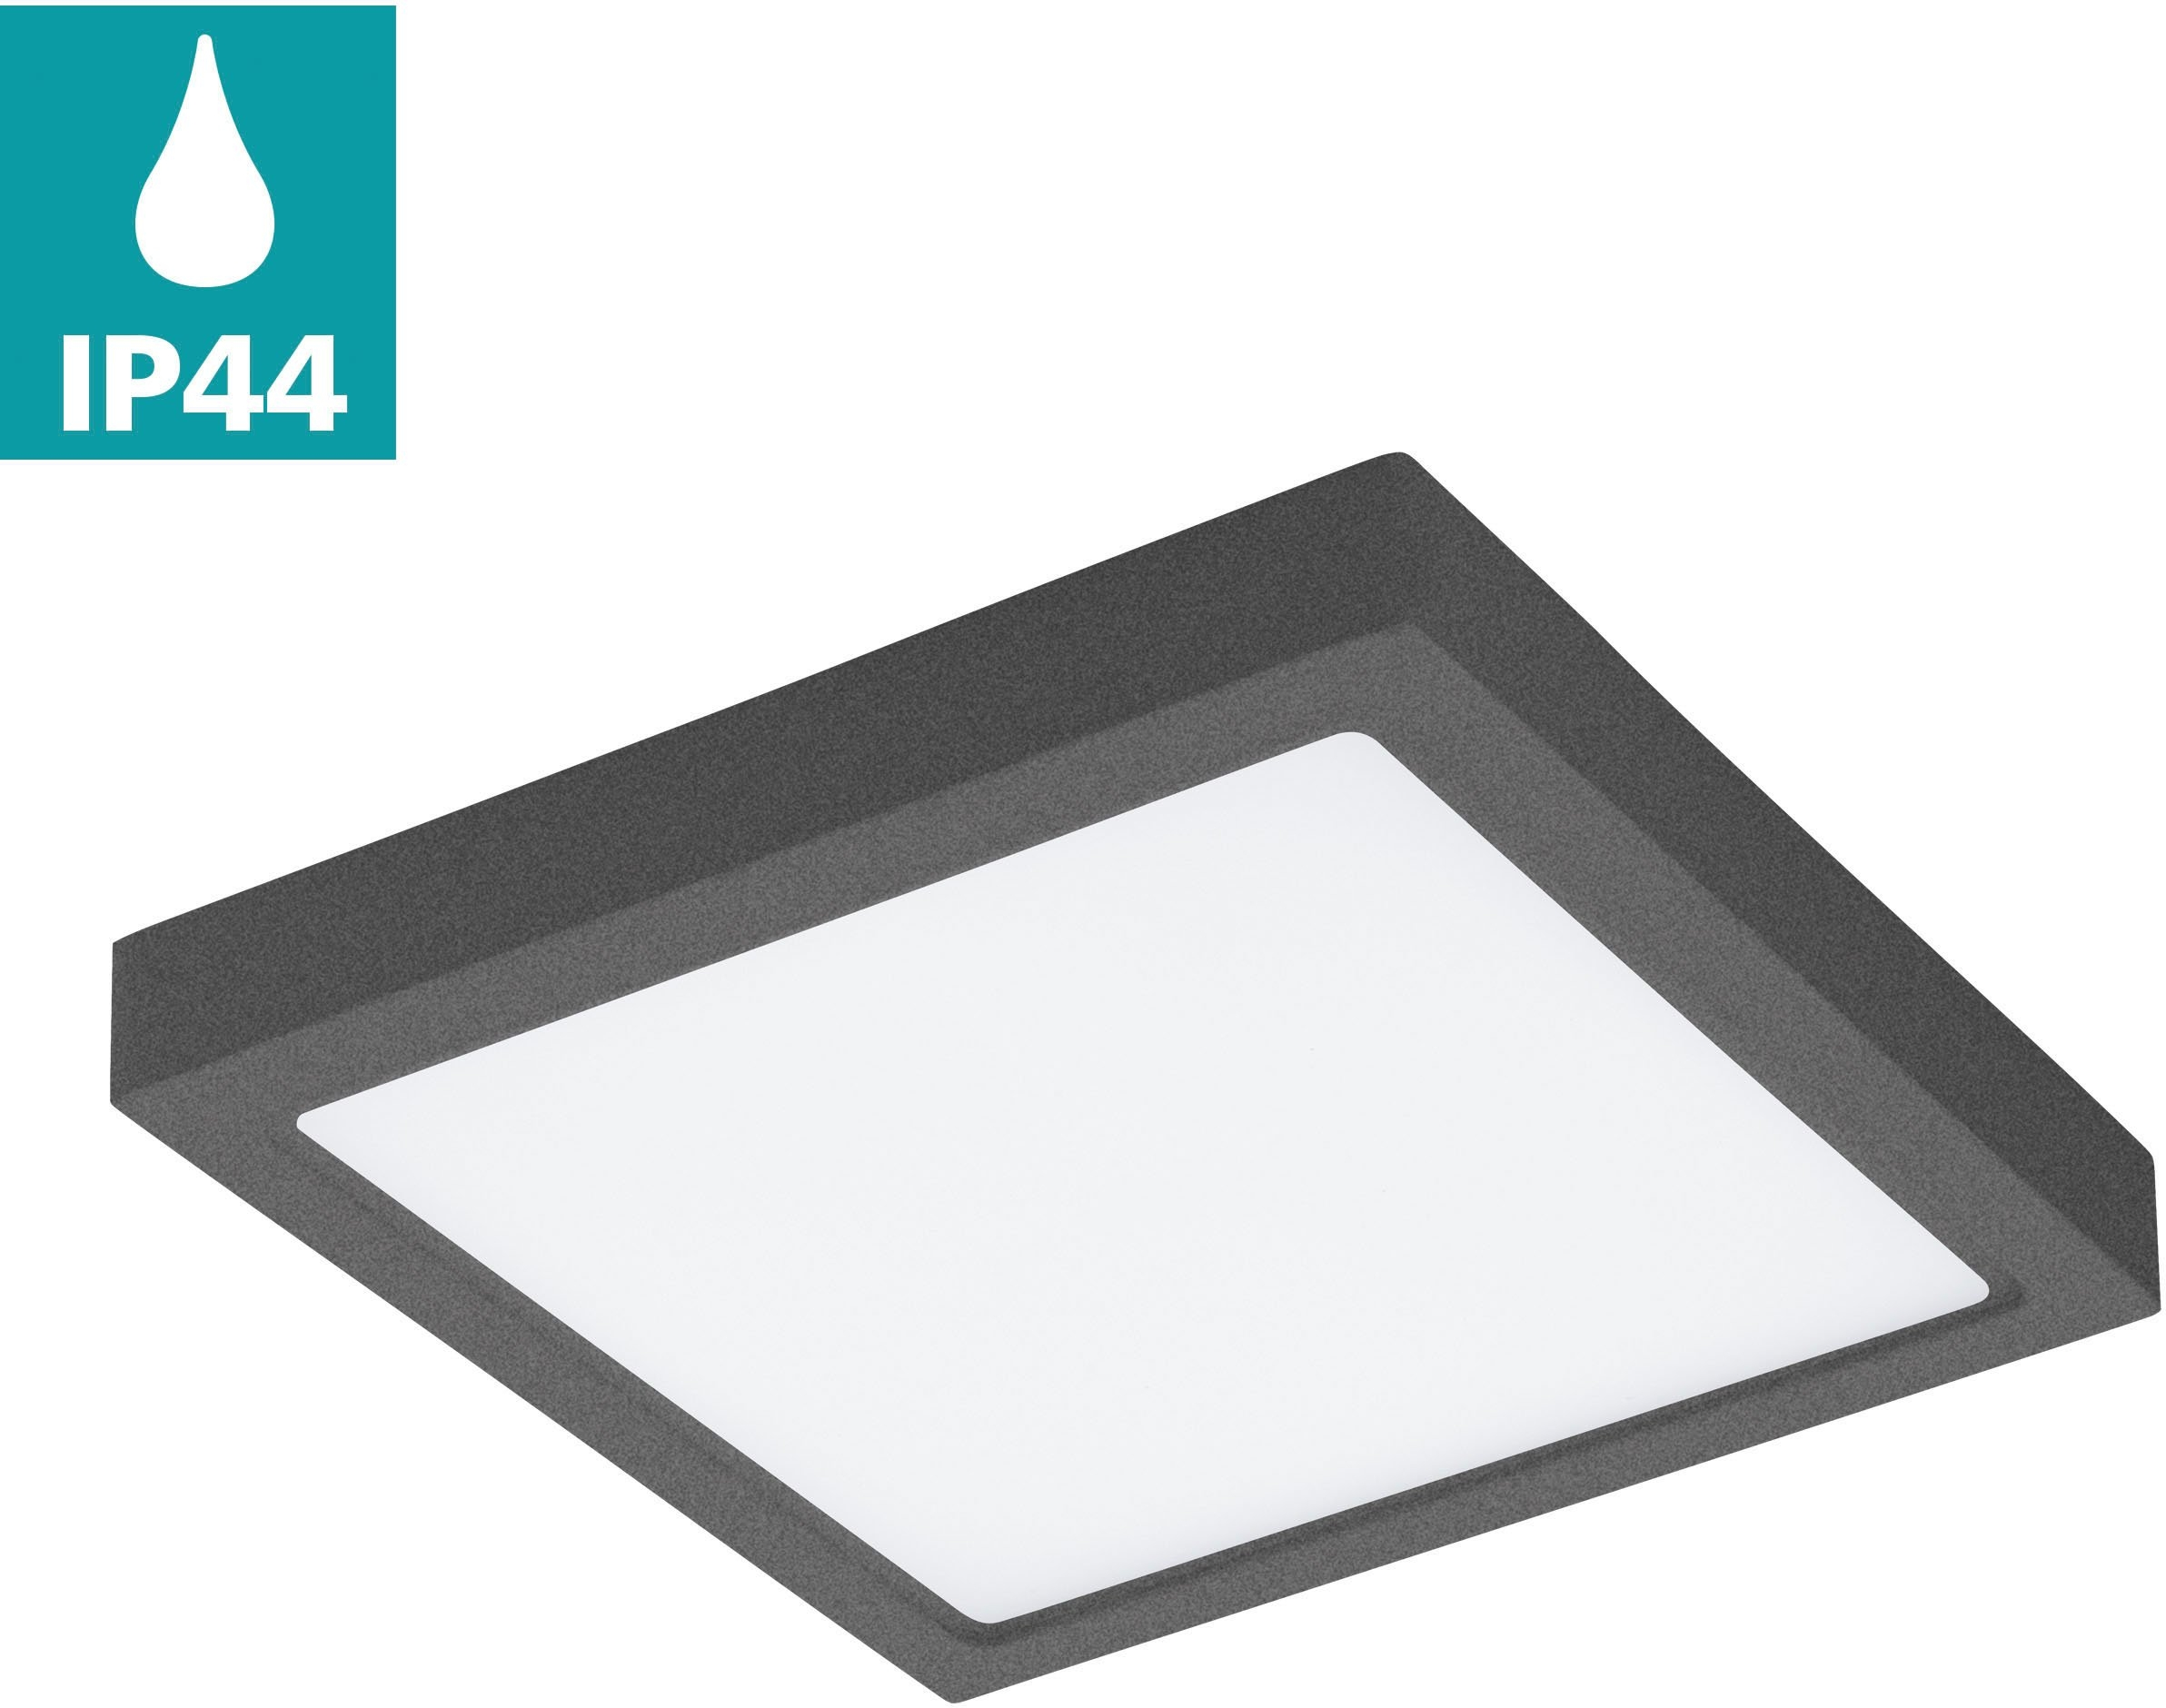 EGLO led-plafondlamp voor buiten ARGOLIS vierkant voordelig en veilig online kopen